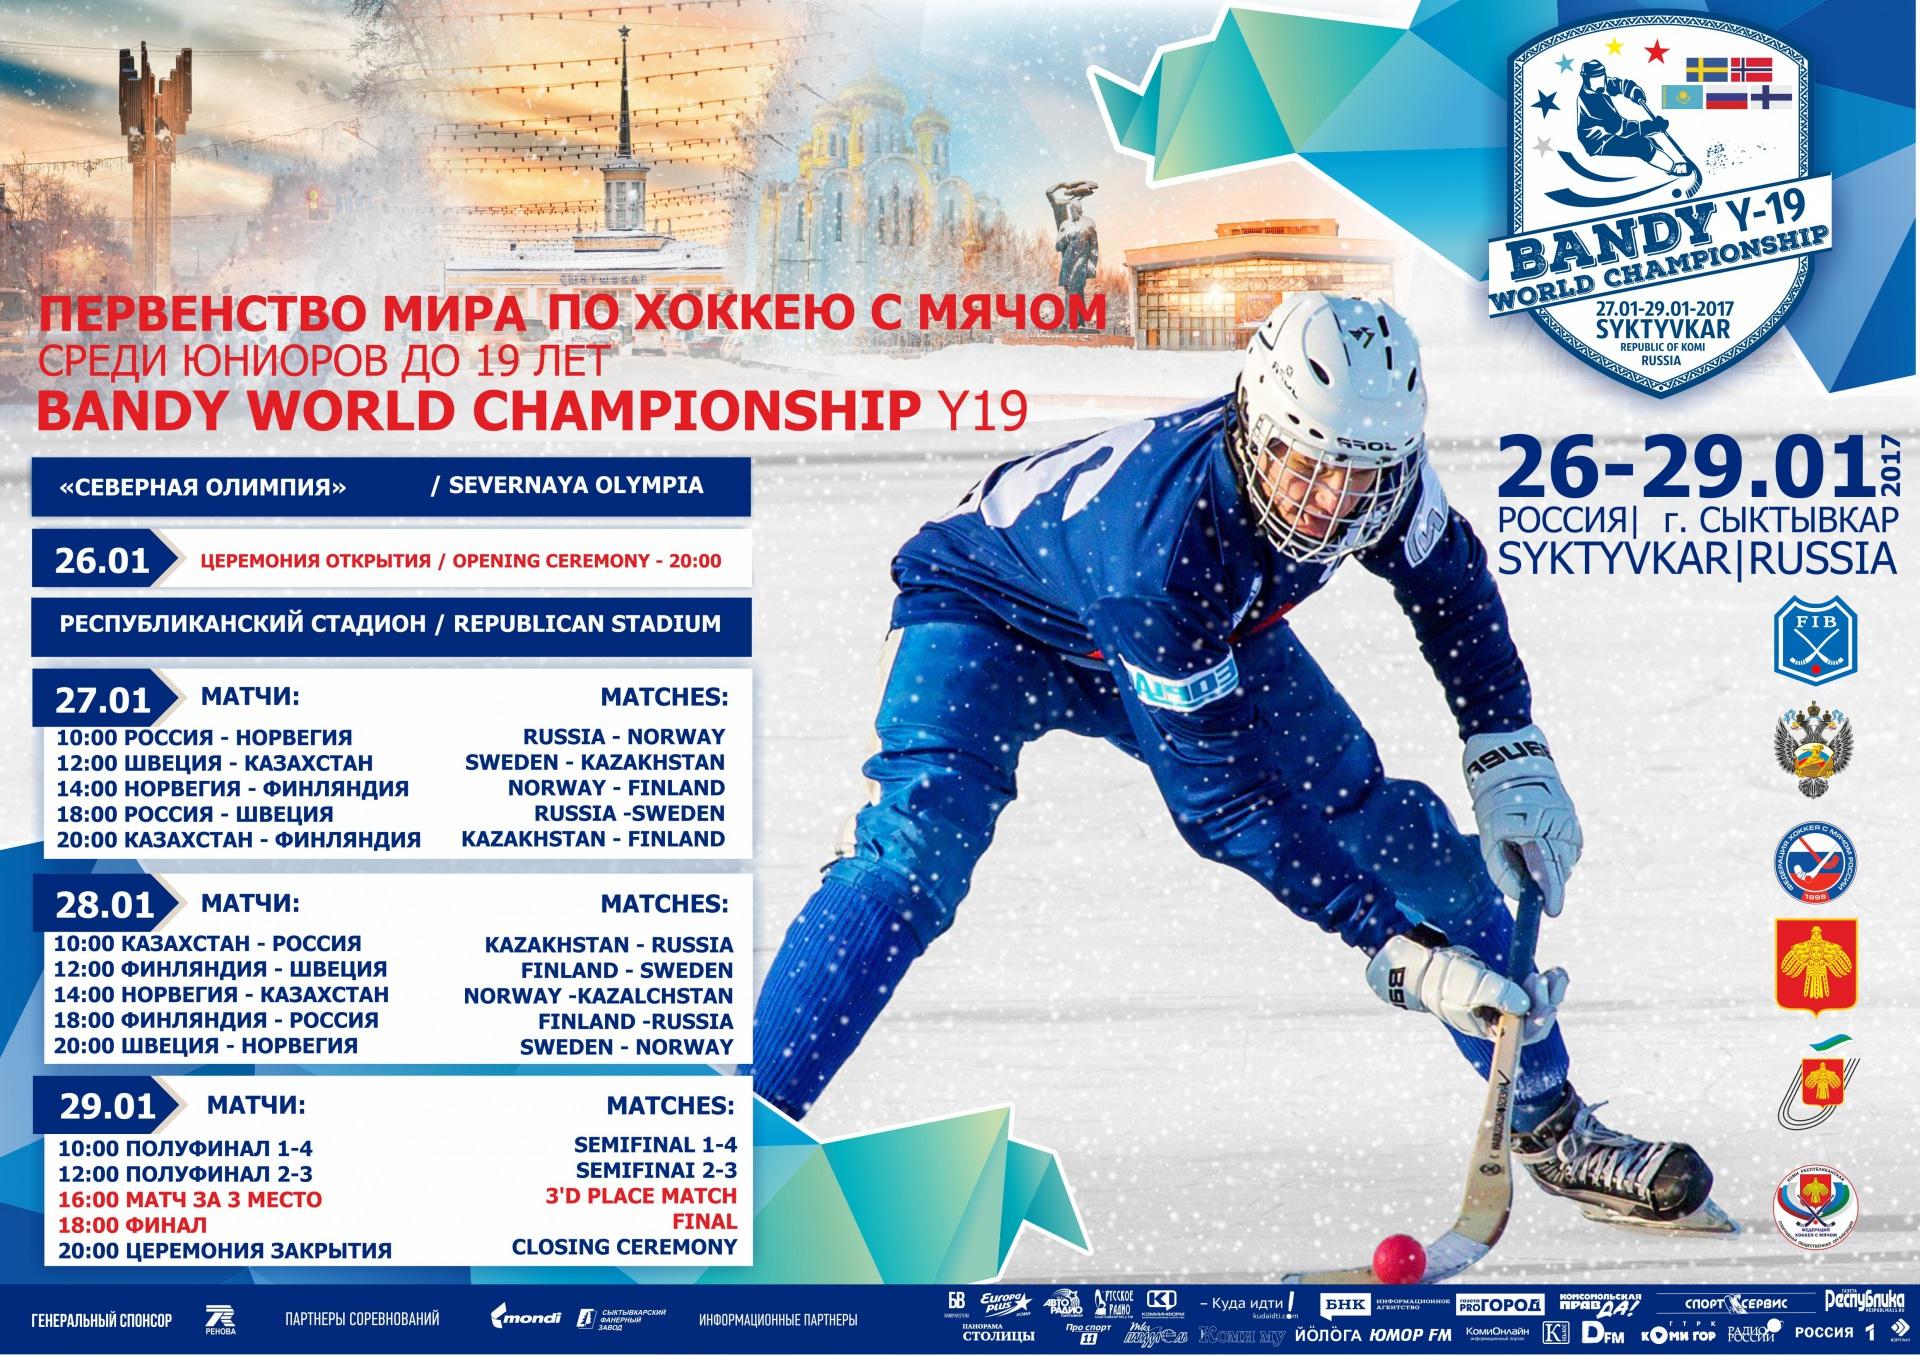 Юниорская сборная России проведет в Сыктывкаре тренировочный сбор